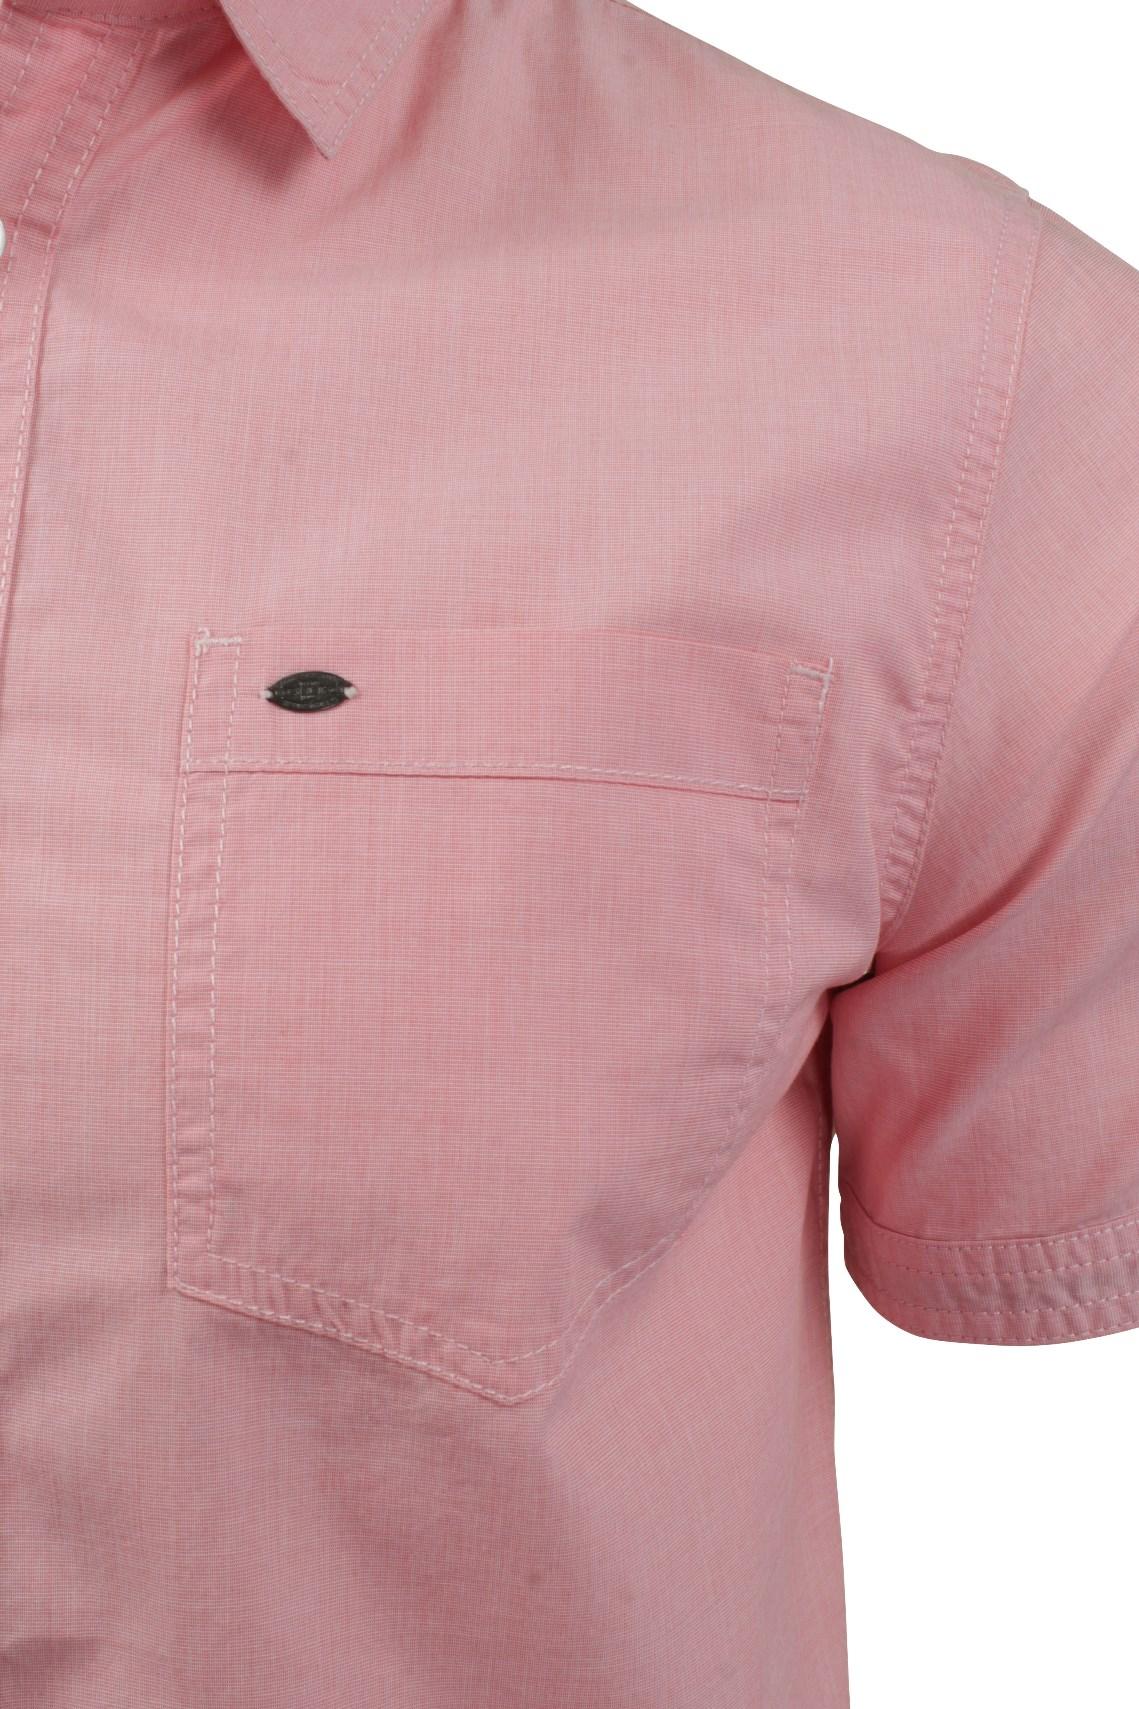 Mens-Shirt-by-Tokyo-Laundry-Short-Sleeved thumbnail 10